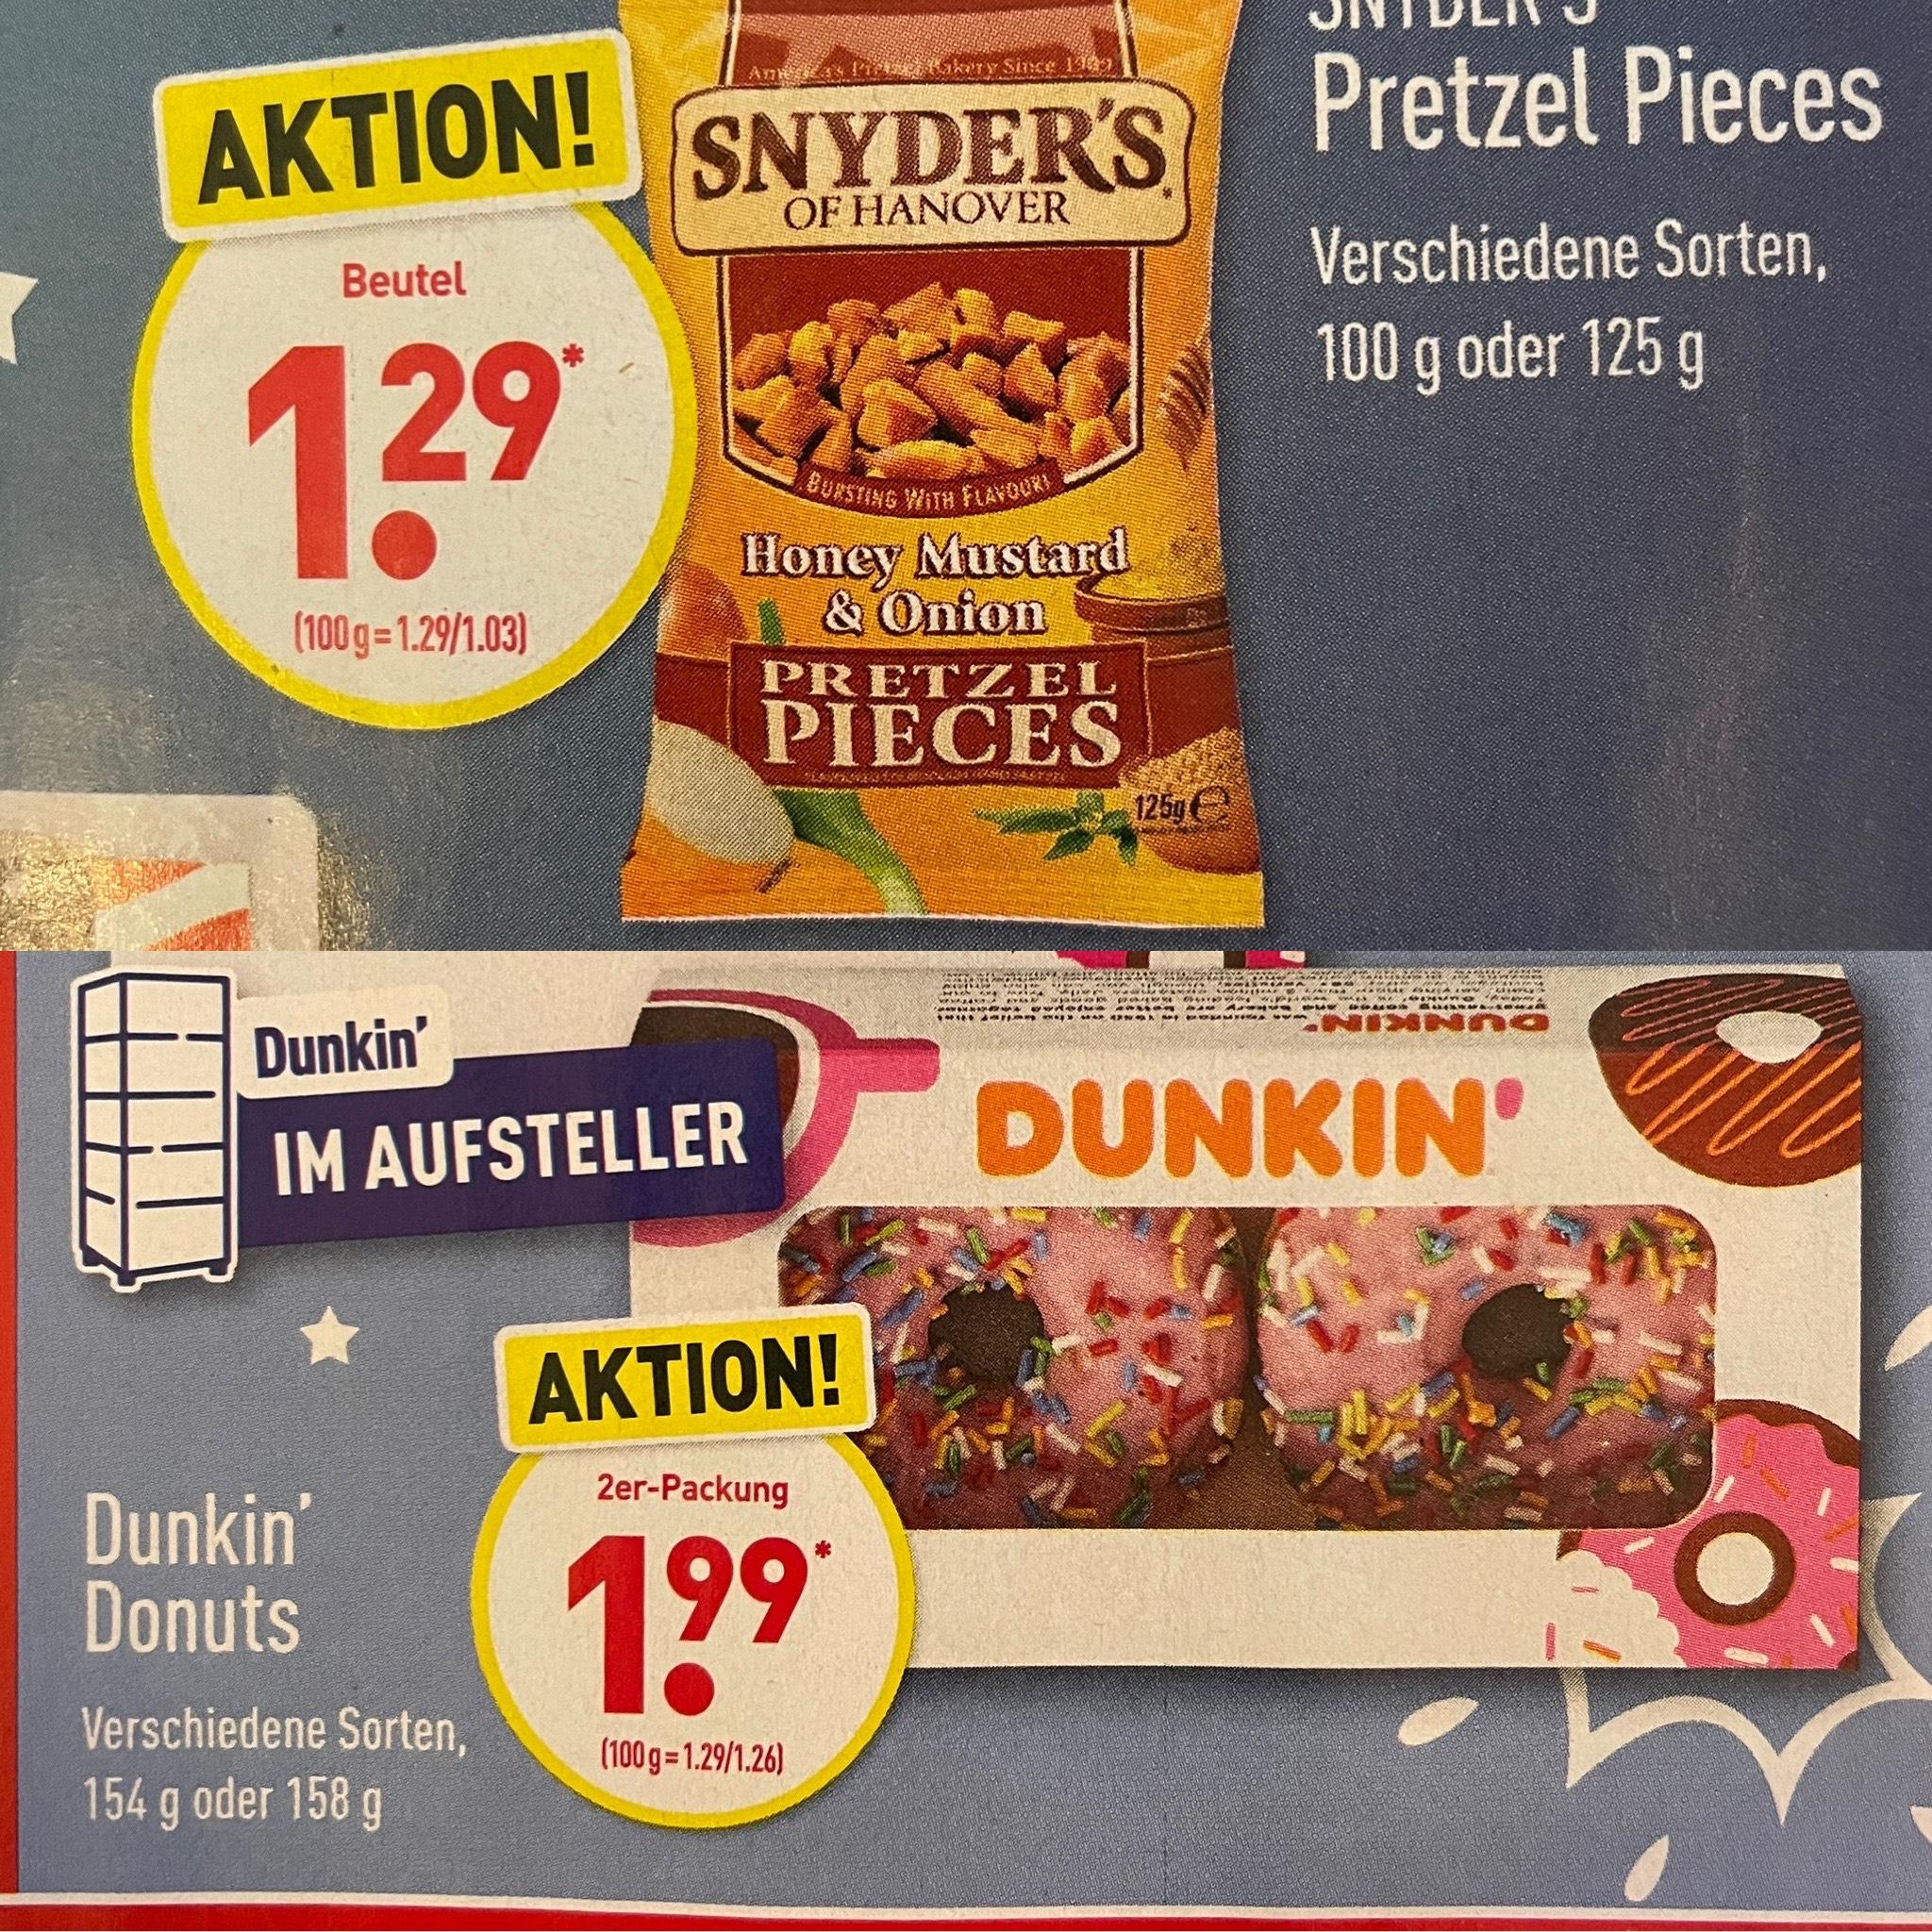 [Aldi Nord / Netto / Edeka] Snyder's Pretzel Pieces versch. Sorten 100g/125g für 1.29€   2er Packung Dunkin' Donuts d. Sorten für 1.99€